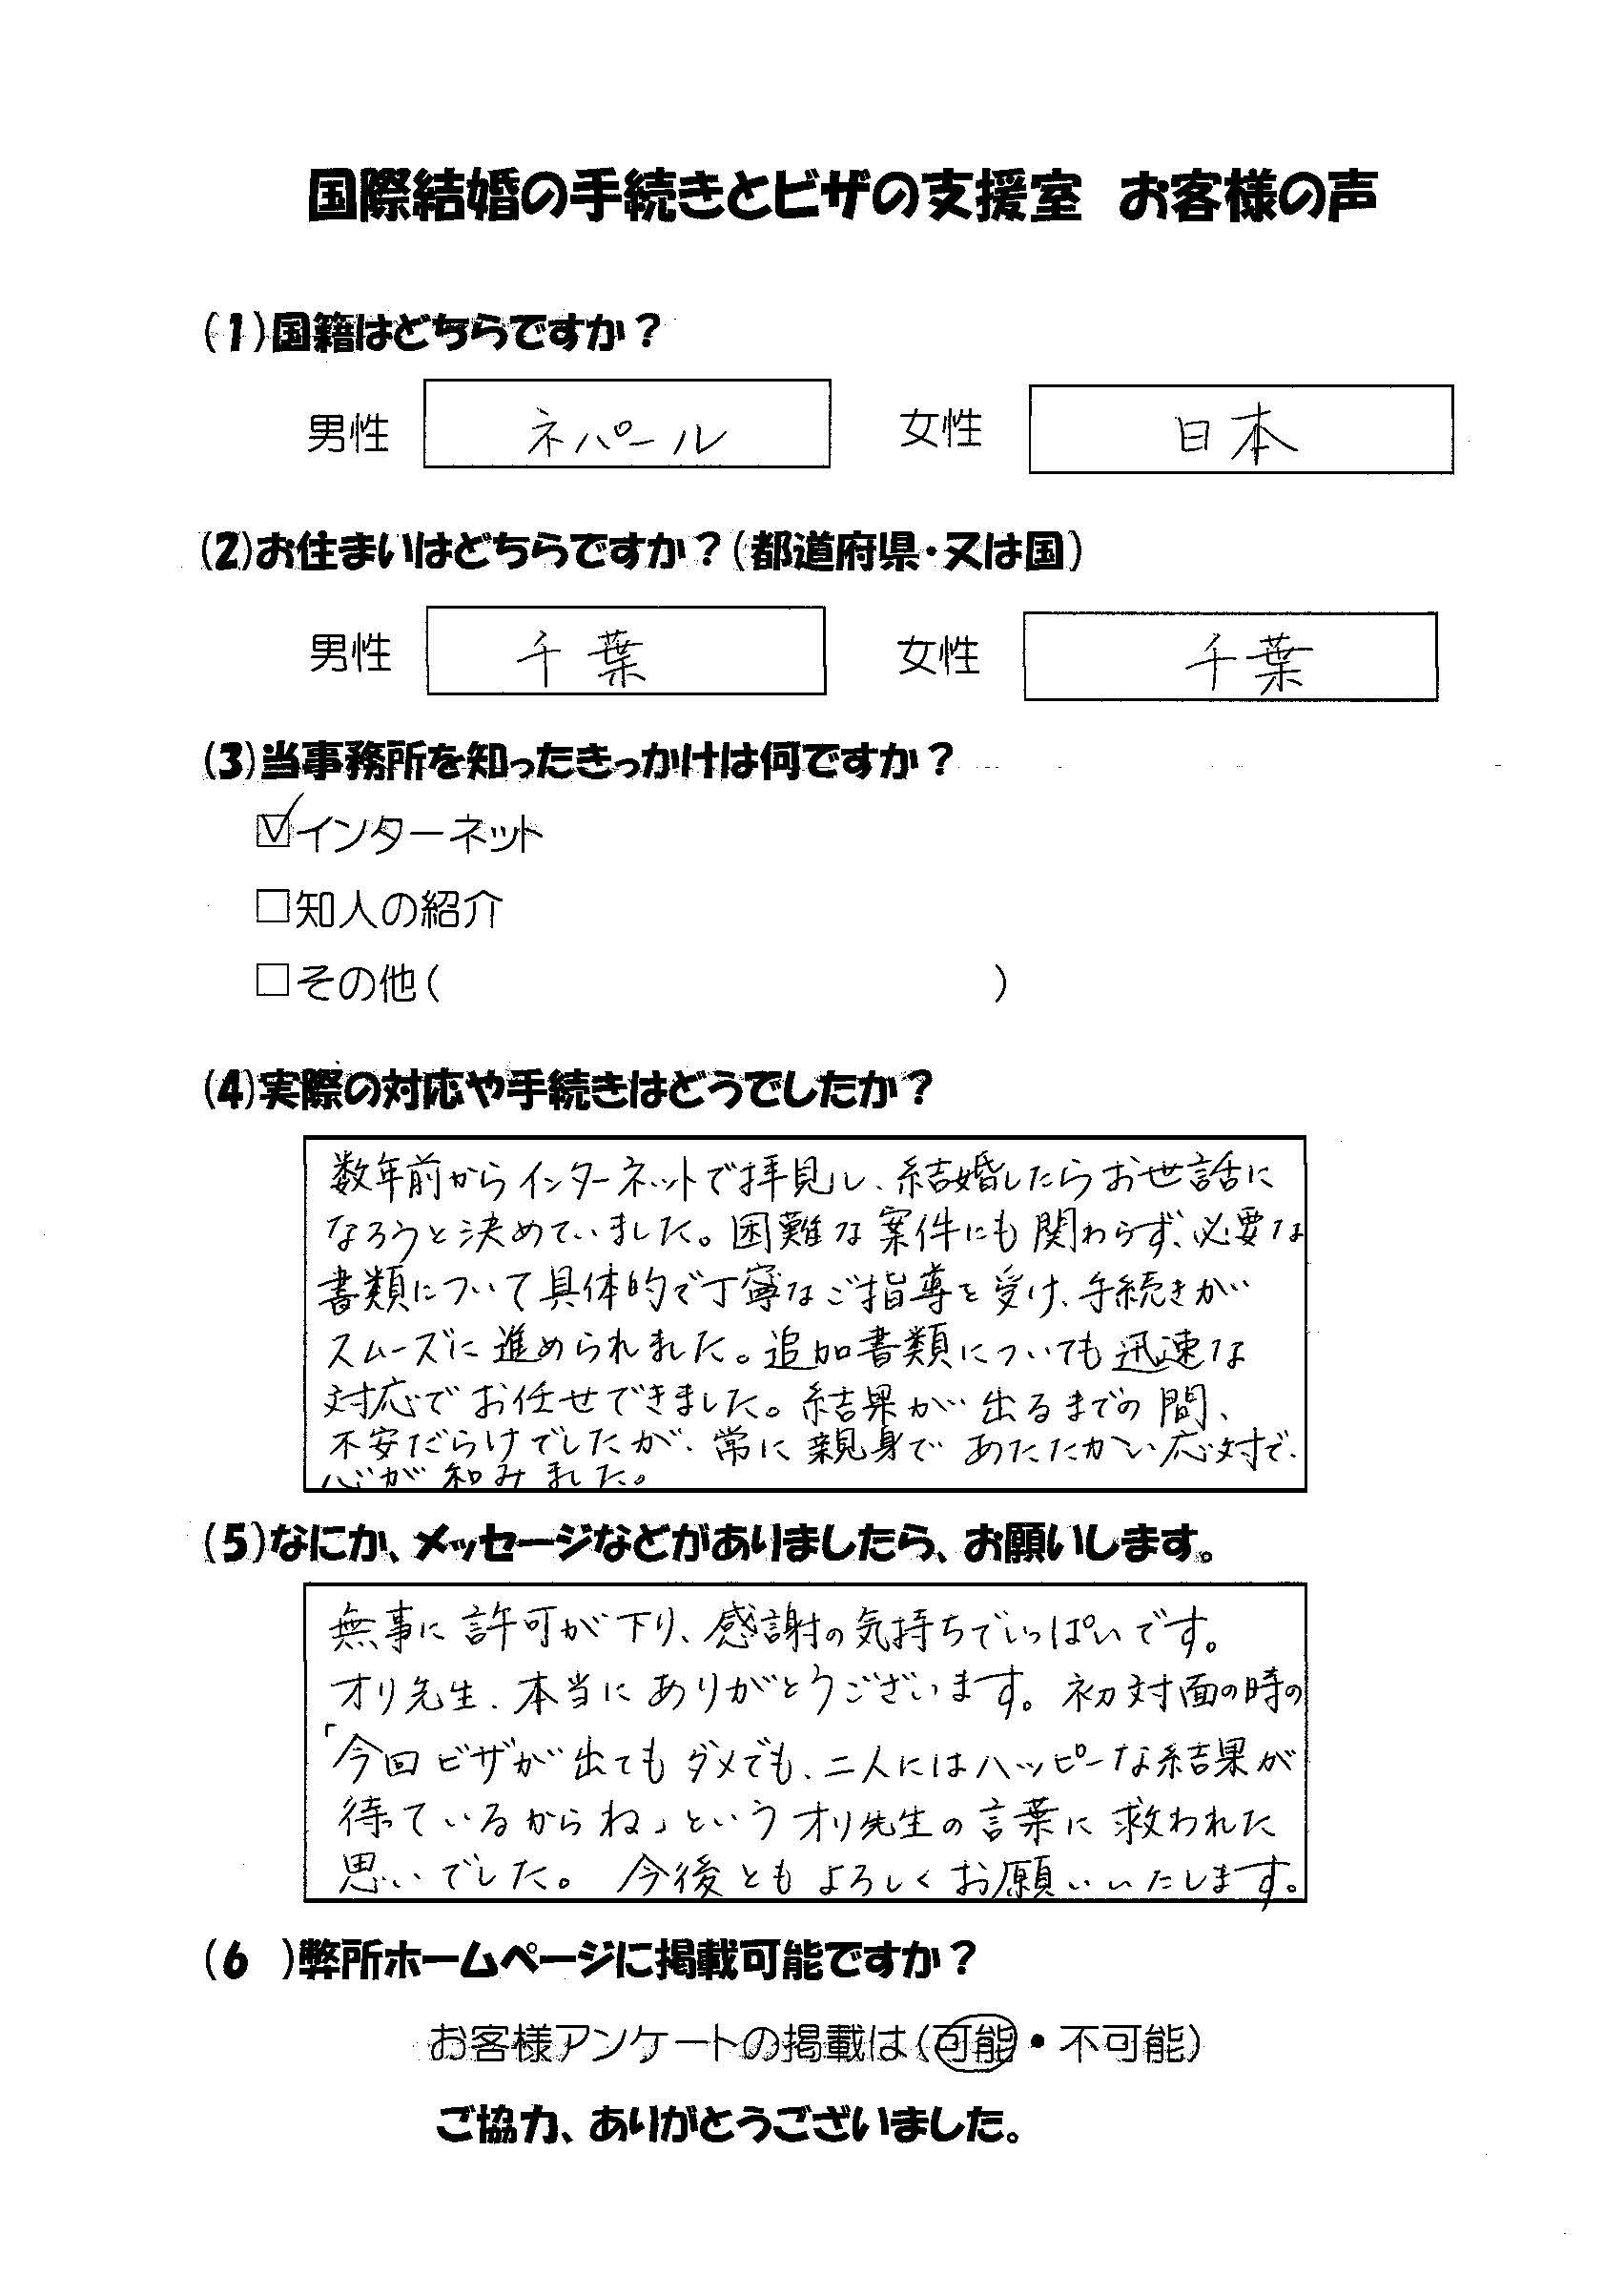 難民申請日本人の配偶者等